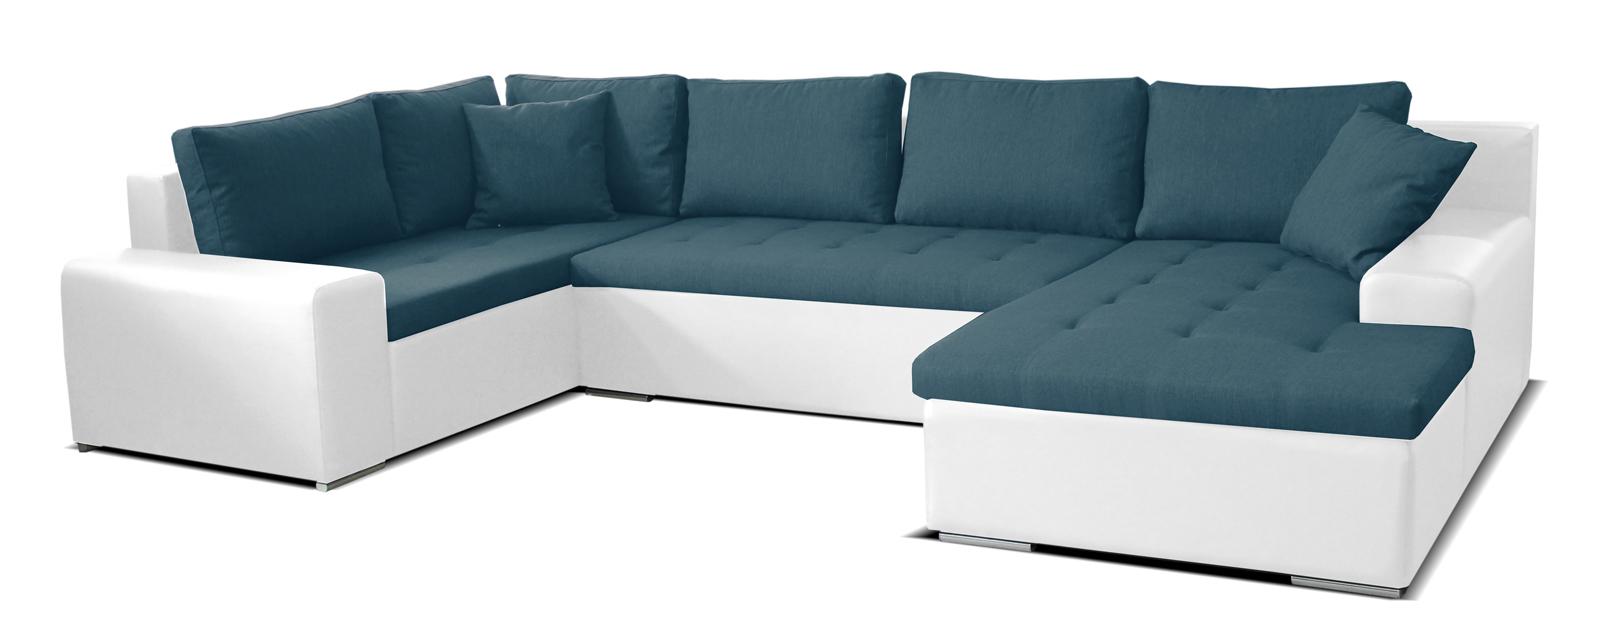 Rohová sedací souprava U - Po-Sed - Moreno BL+2+L (tyrkysová + bílá) (P)